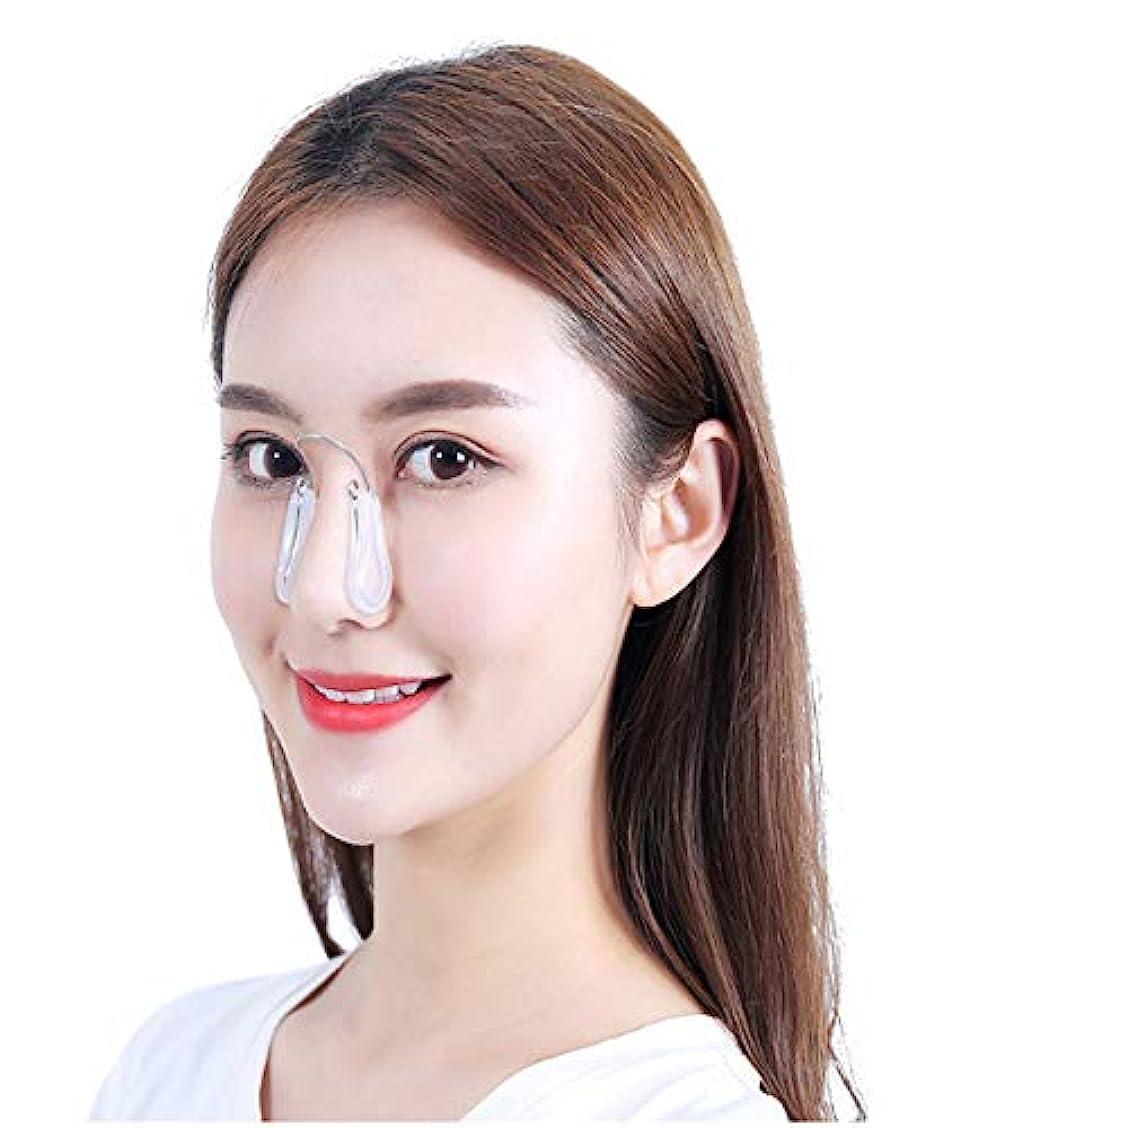 サークル吸収インポートGOIOD 美鼻ケア 鼻 人工鼻 増強美容 鼻のデバイスシリコンクリップ 鼻筋矯正 簡単美鼻ケア